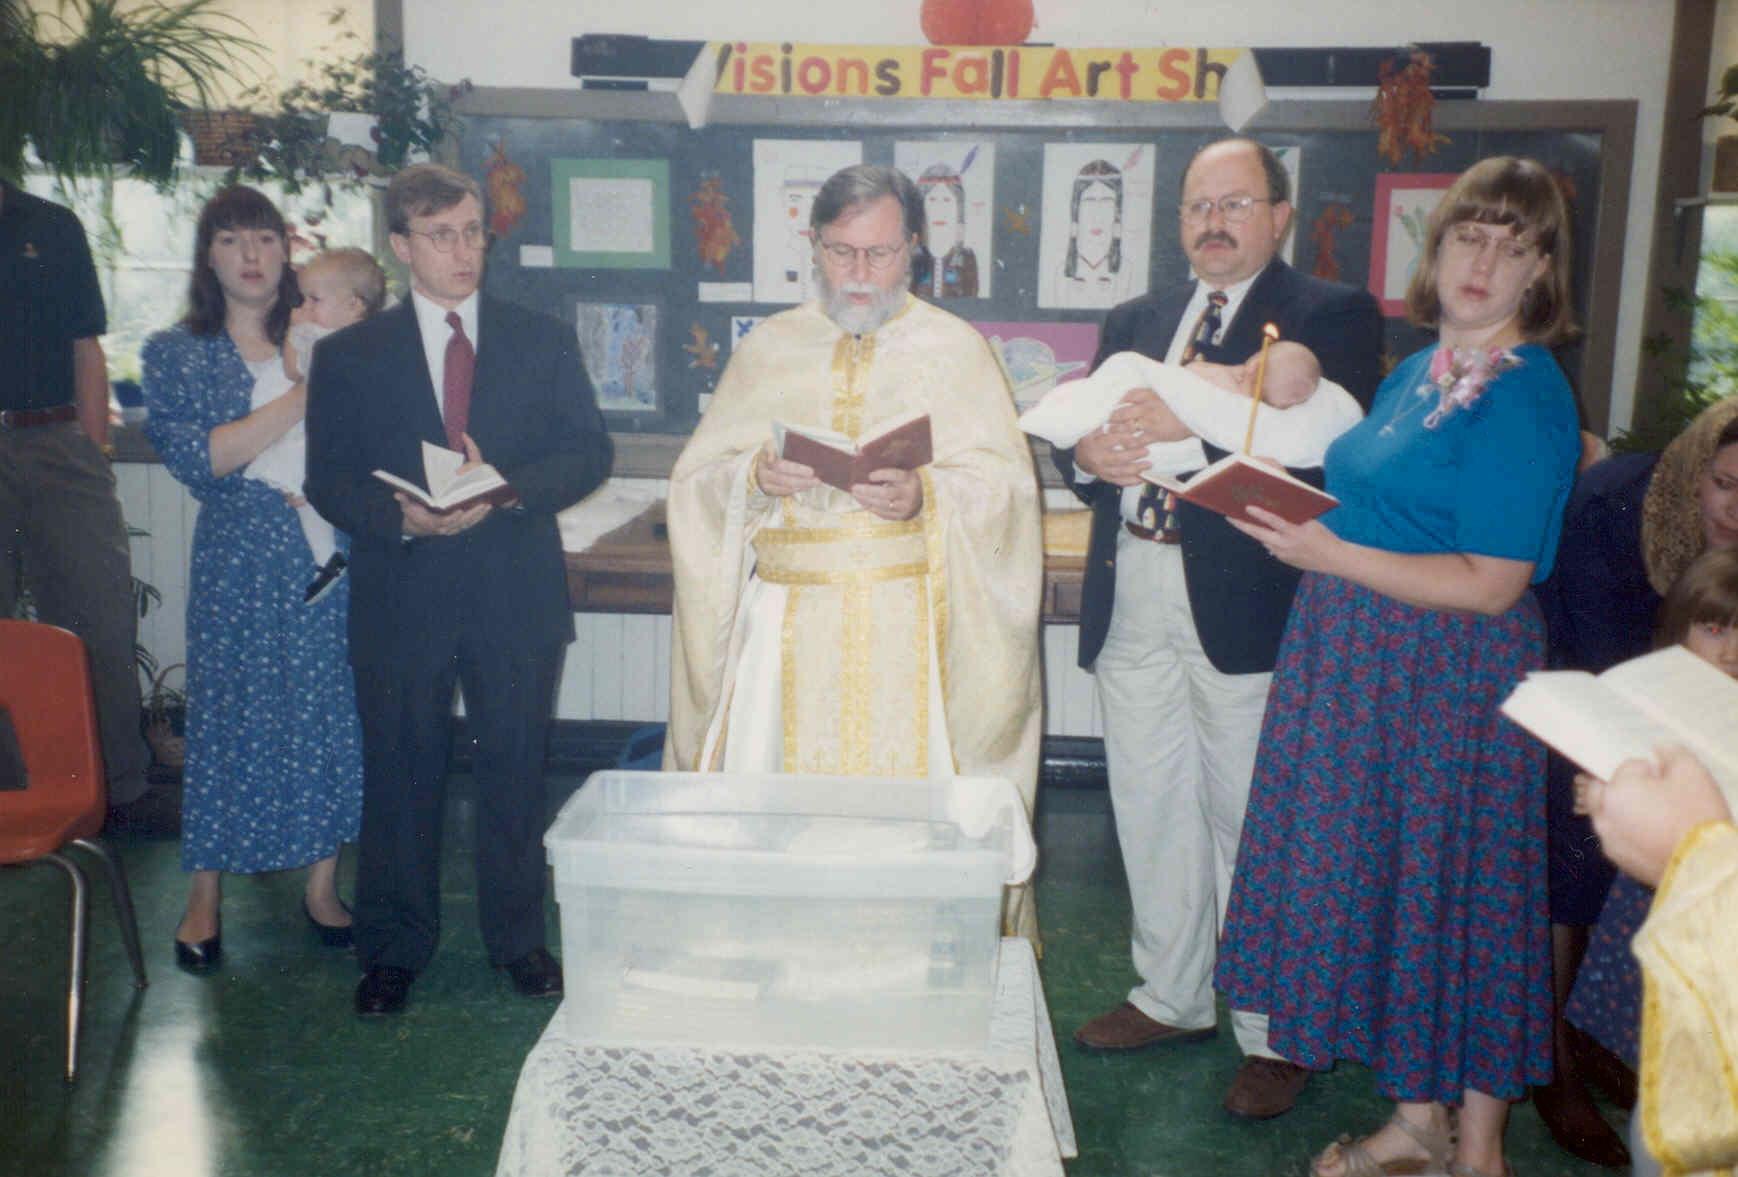 Baptism at Revisions